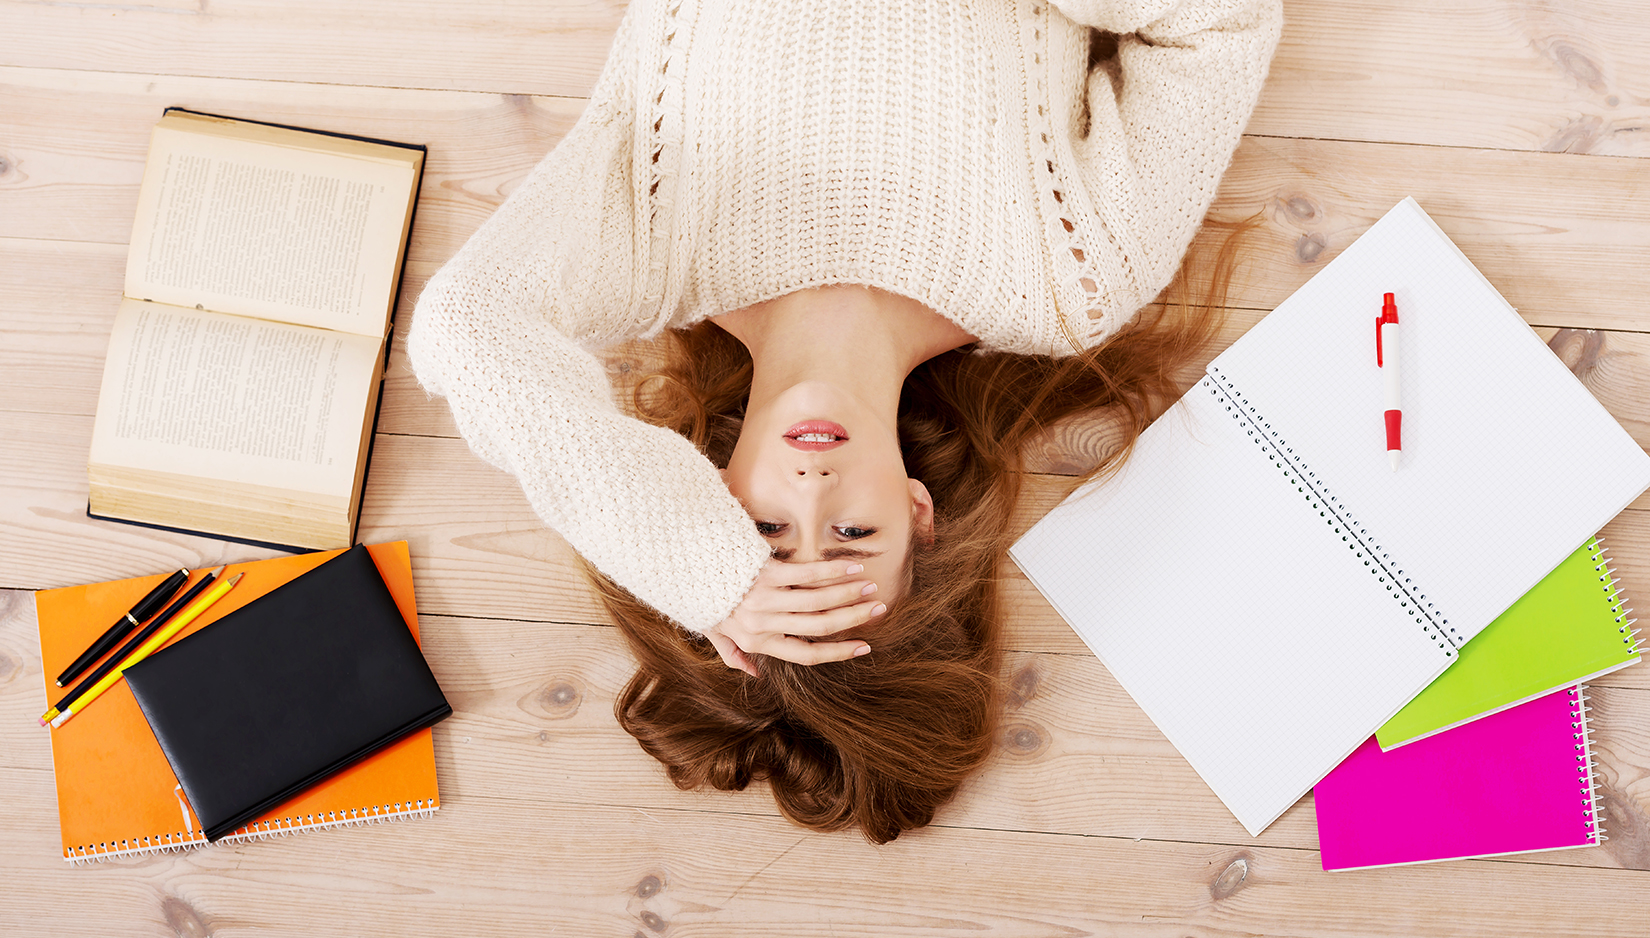 Prüfungsangst überwinden: welche Tipps wirklich helfen